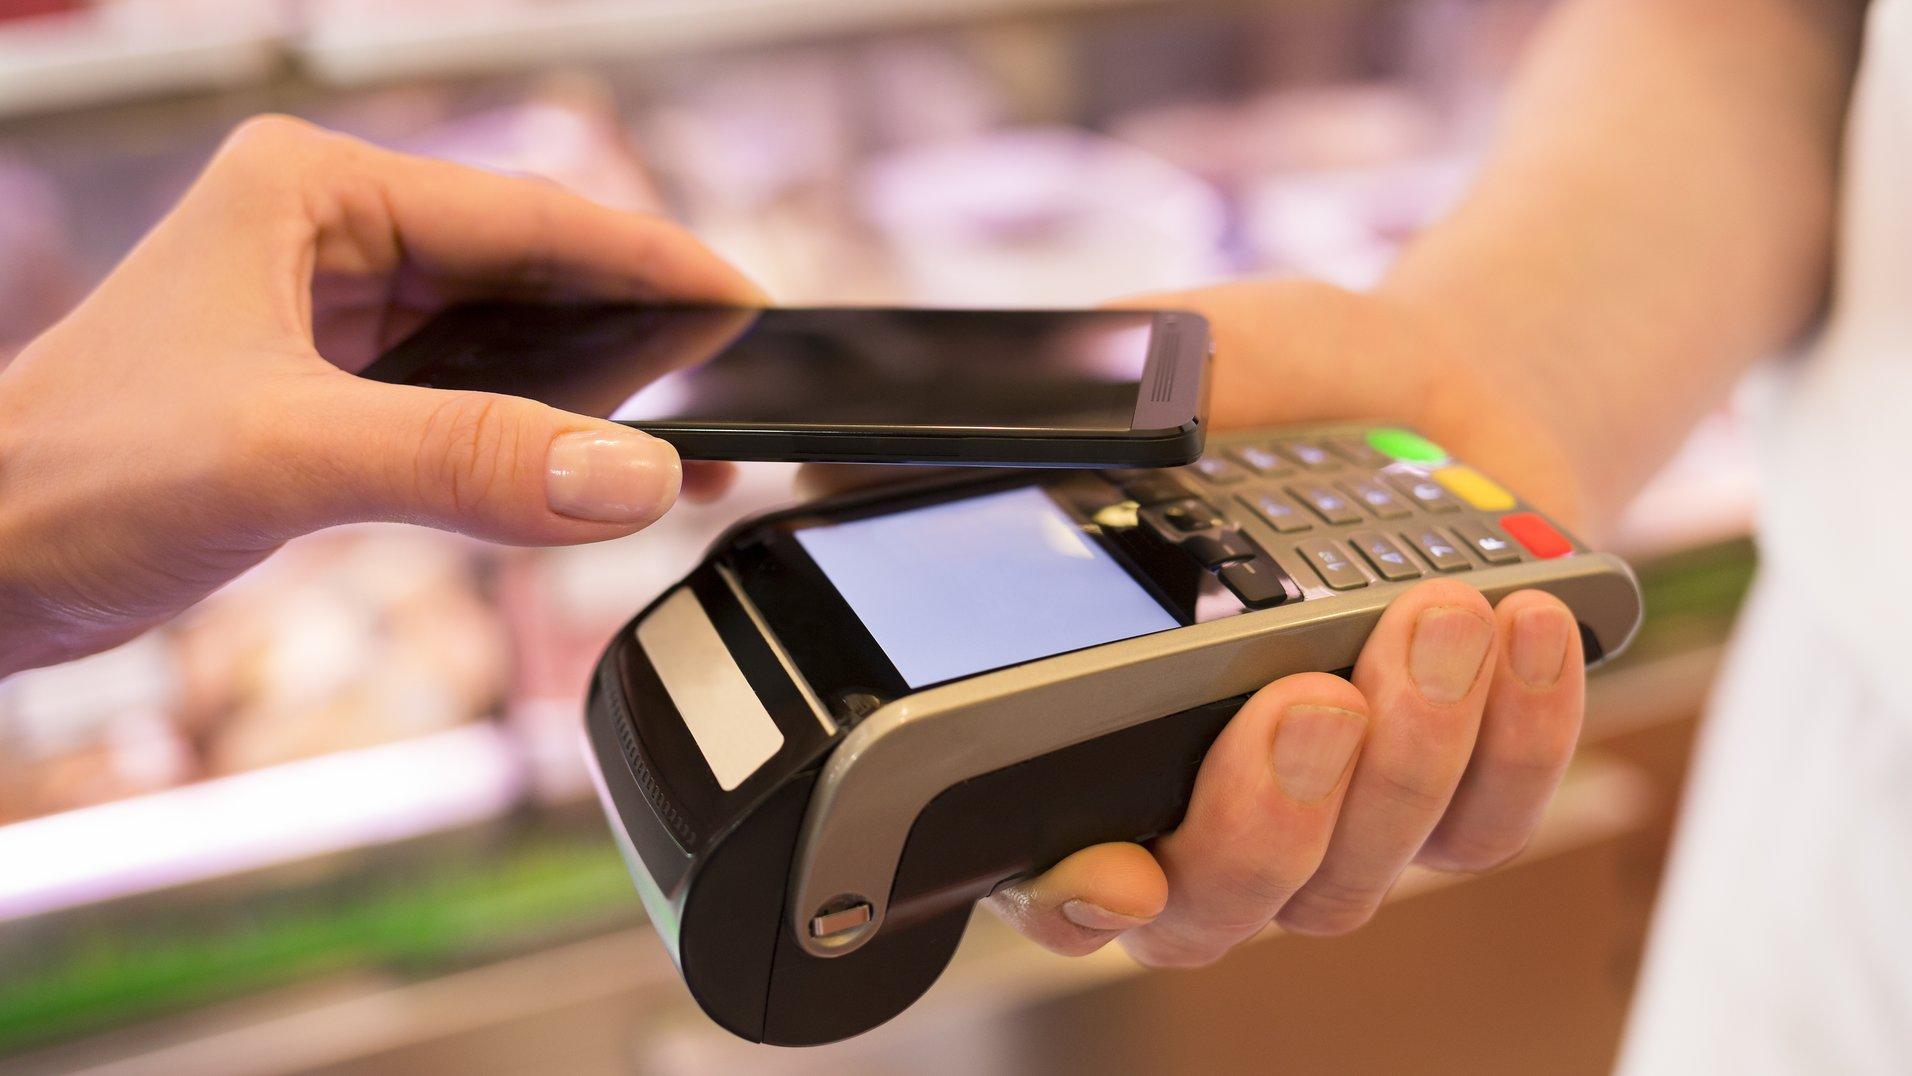 Модуль NFC помогает обладателю мобильного телефона расплачиваться без карты